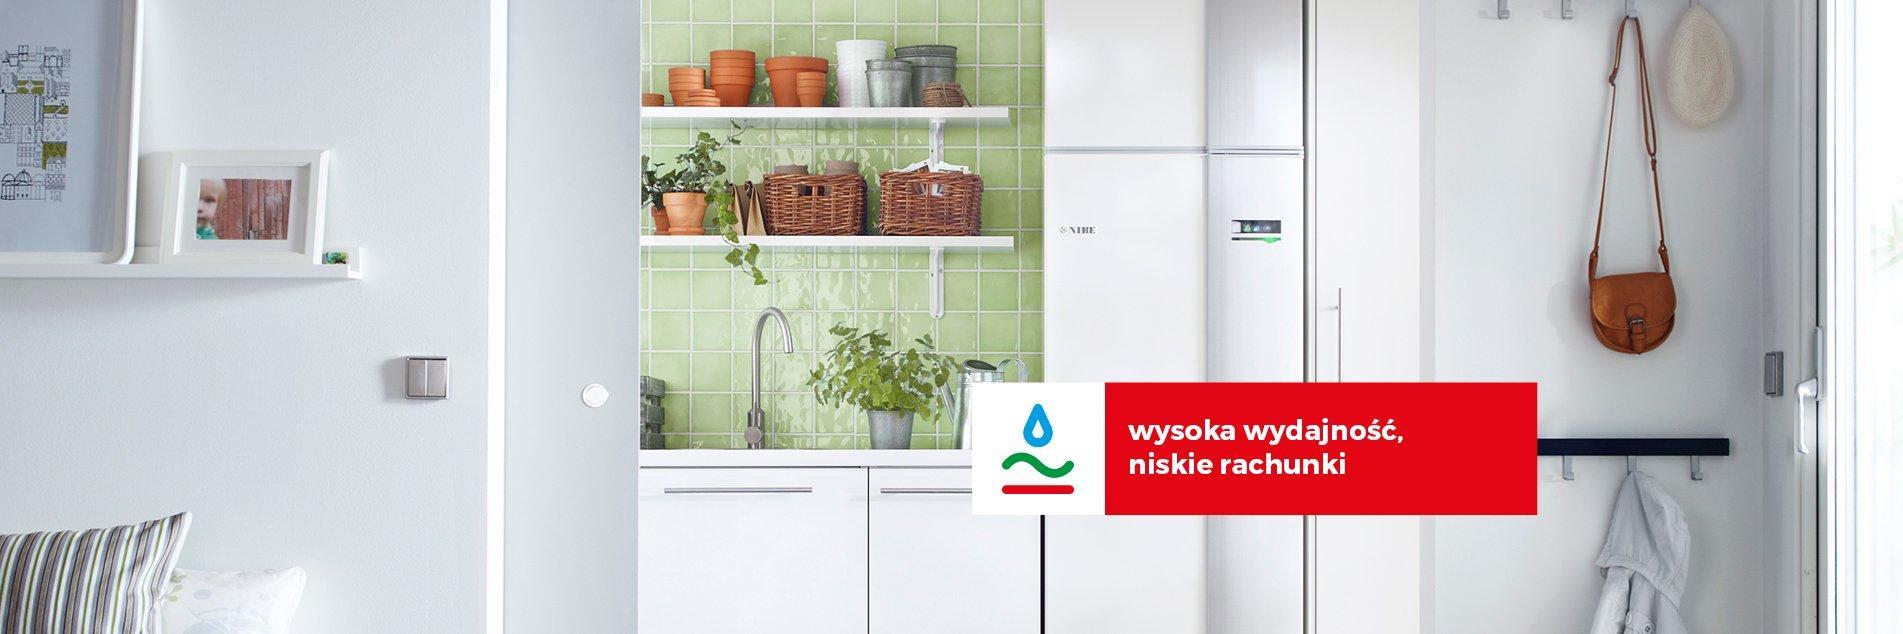 https://derkon.com.pl/wp-content/uploads/2017/02/slider_6.jpg